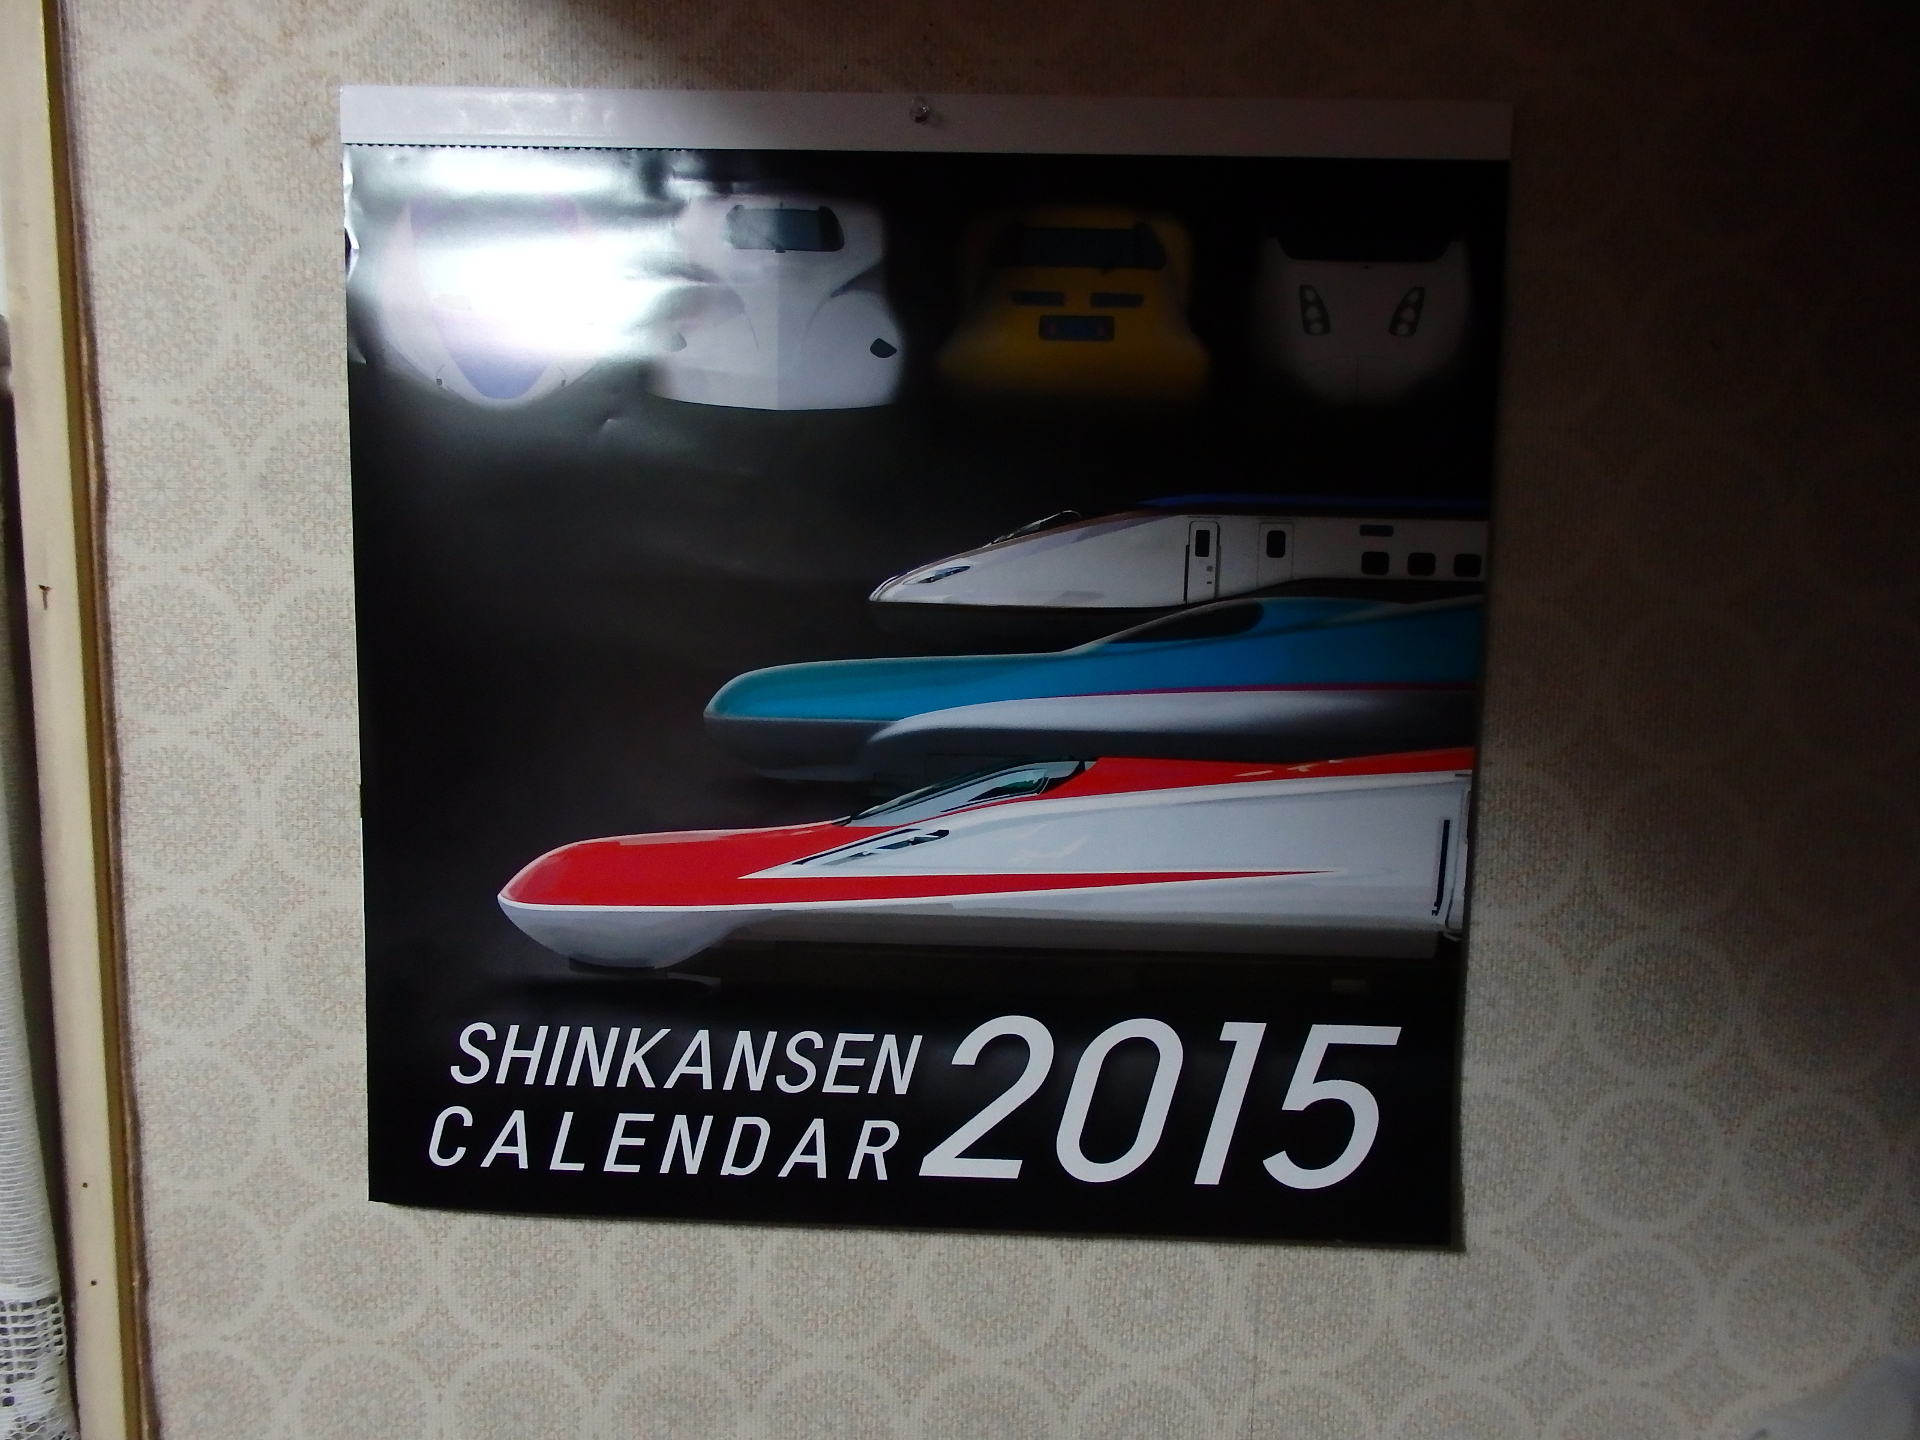 新幹線カレンダー2015です。